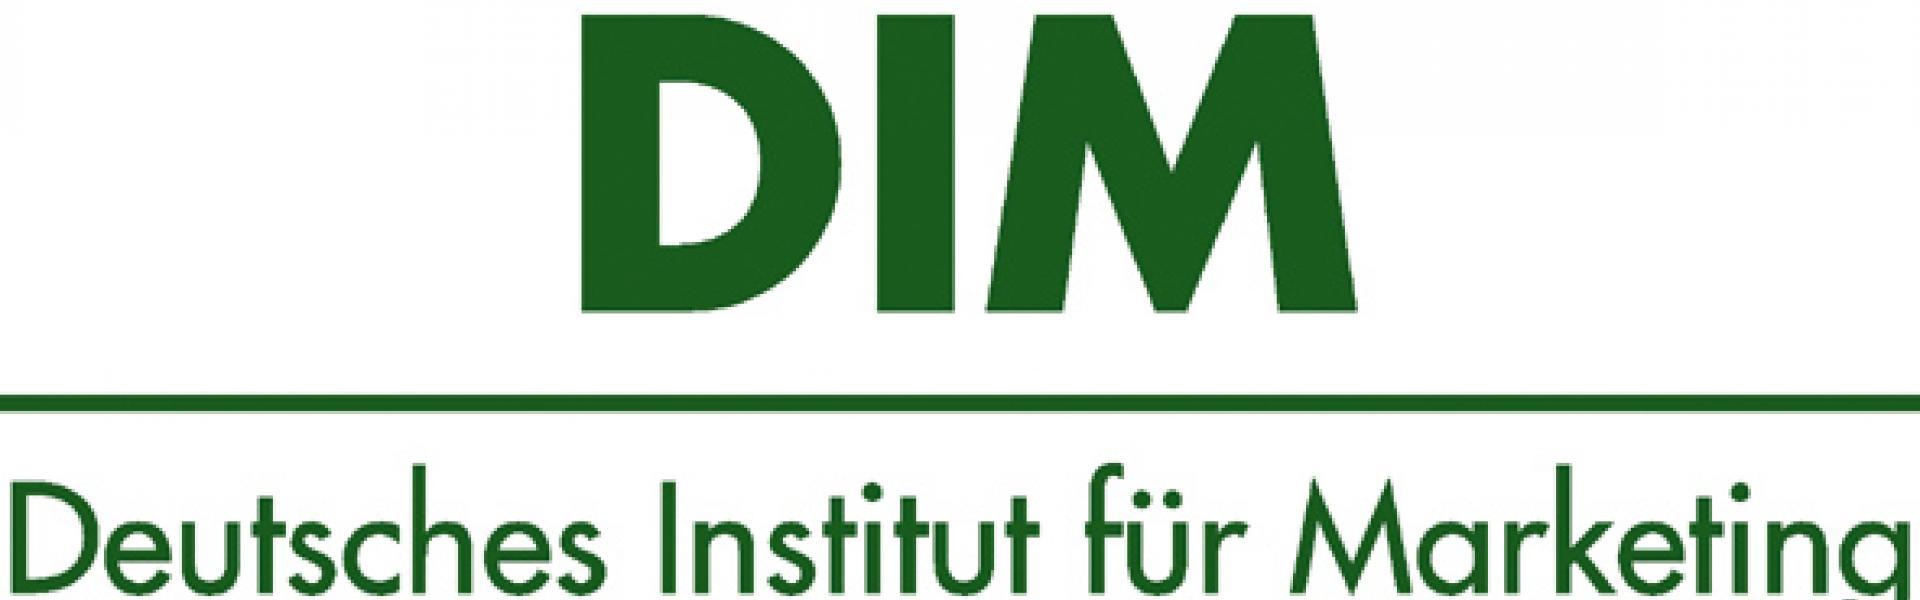 DIM Deutsches Institut für Marketing GmbH cover